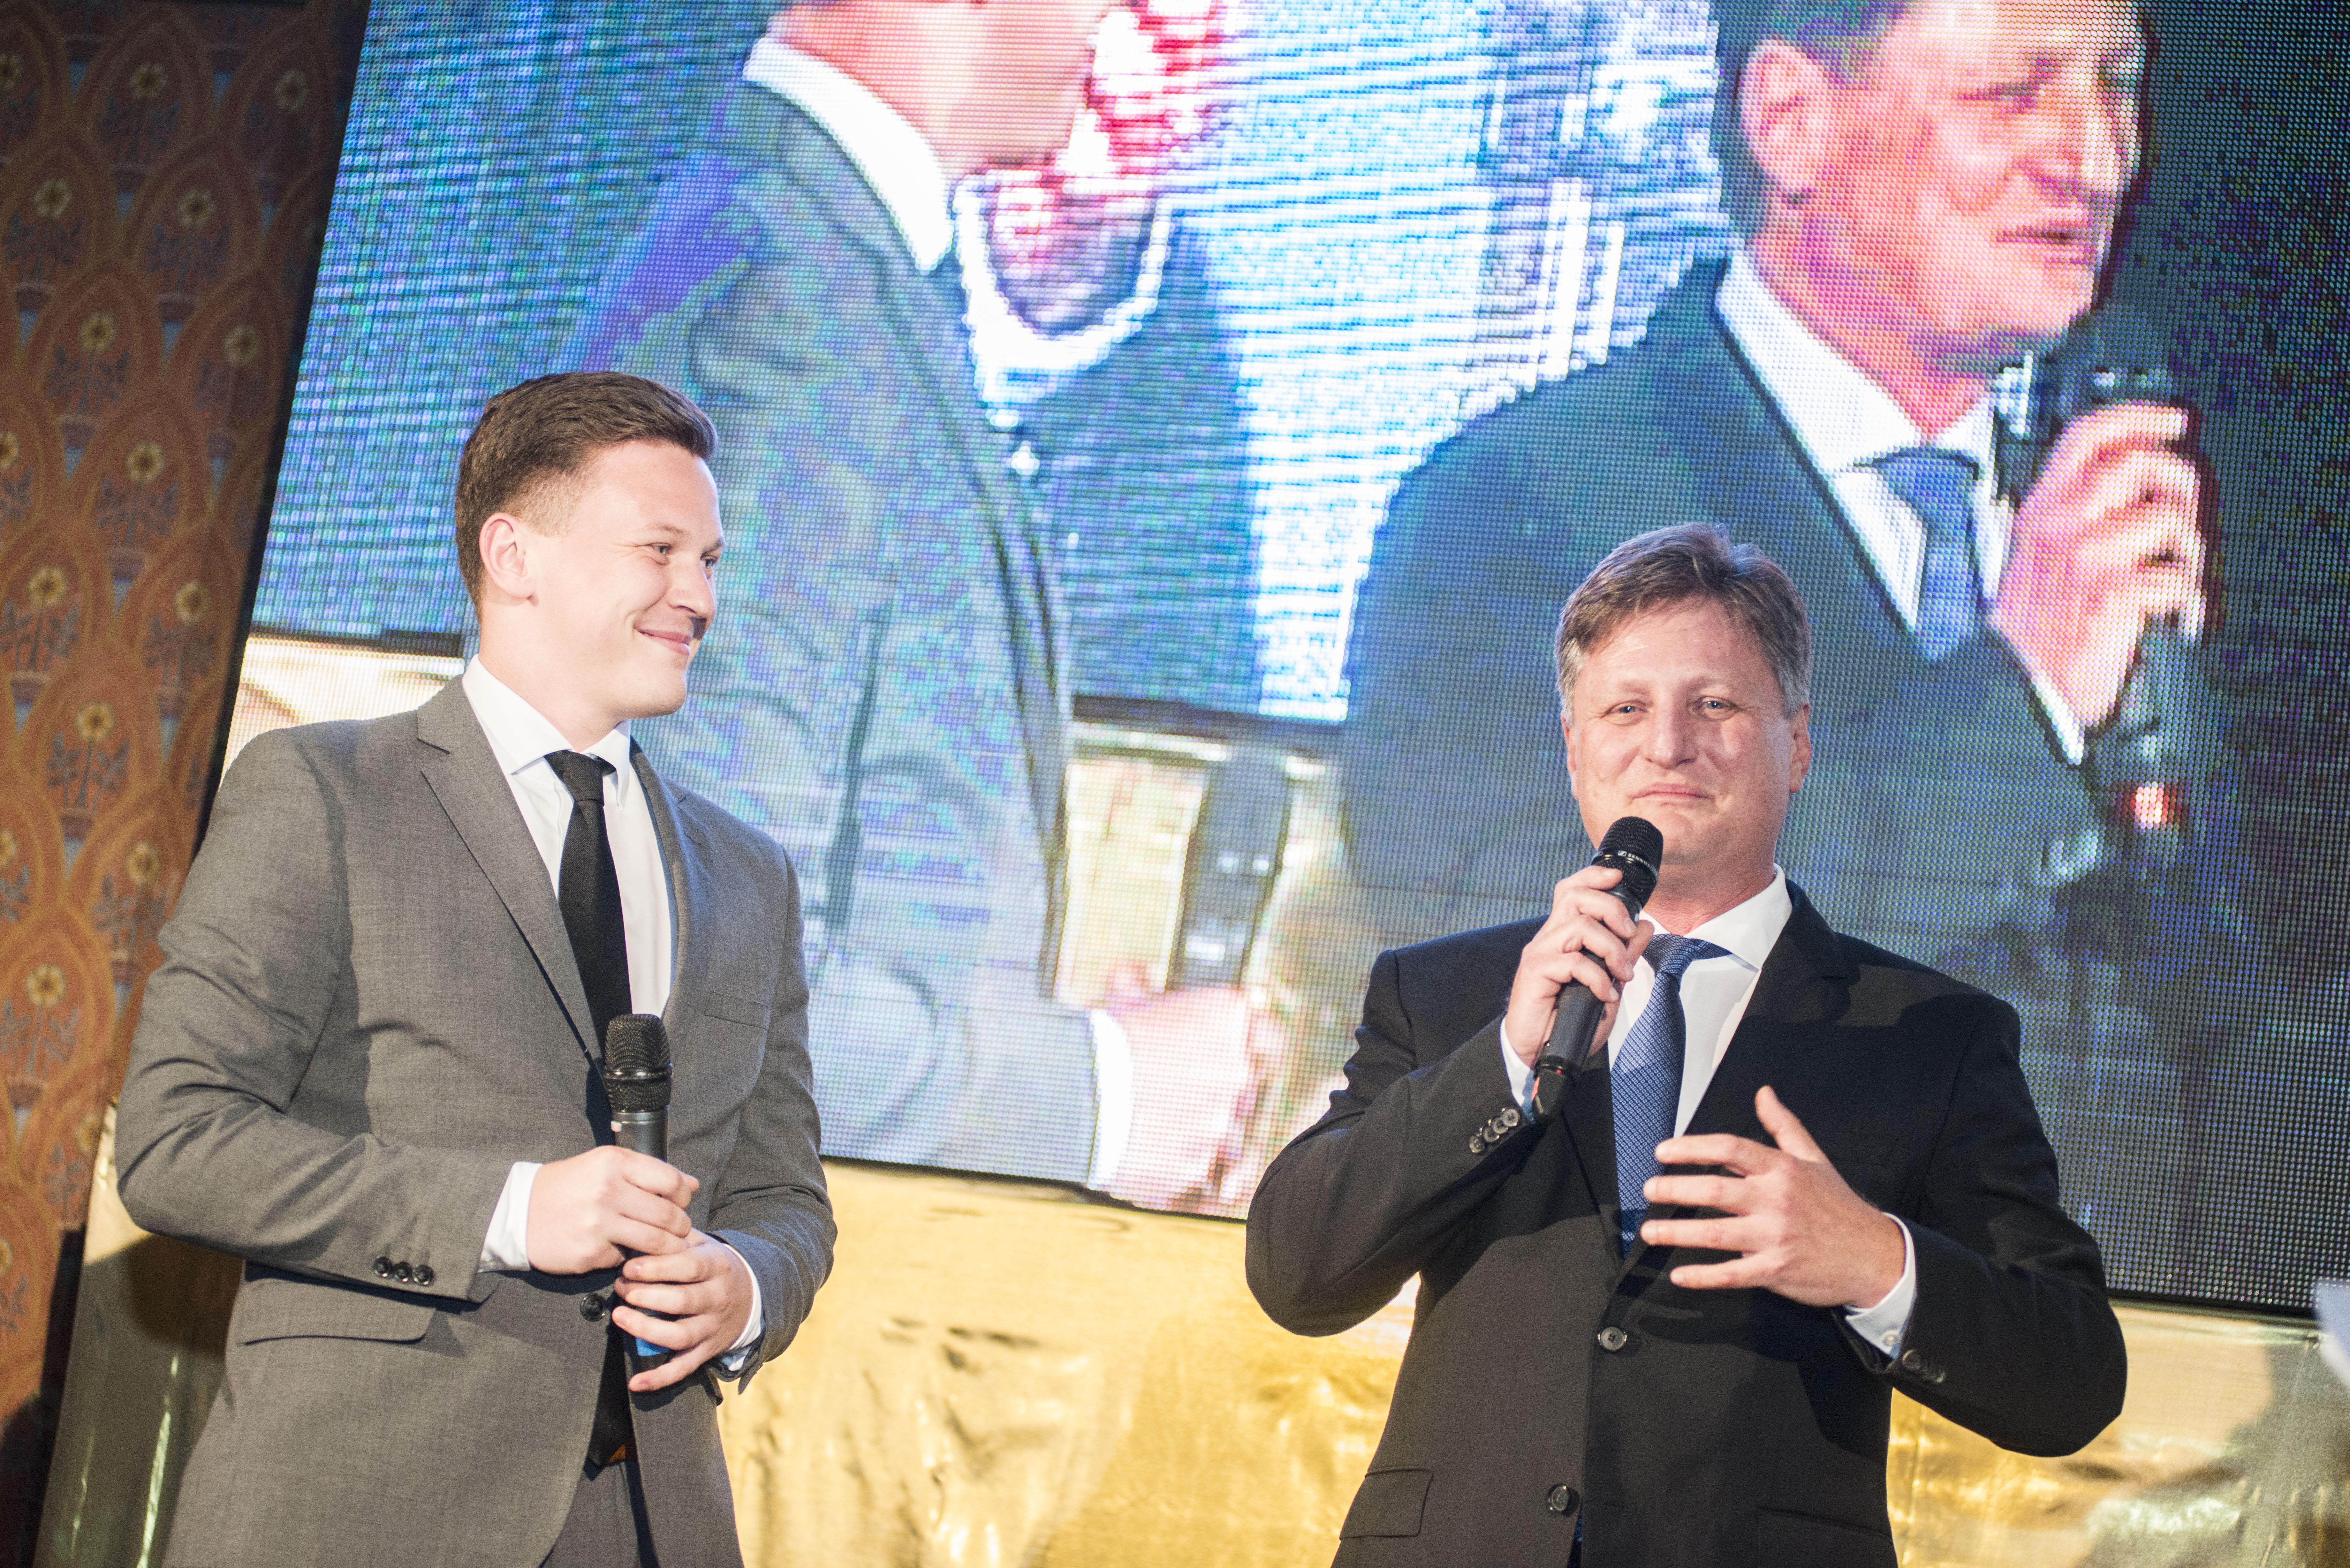 Libor a Jan Musilovi, otec a syn z rodinné firmy LIKO-S, která patří mezi největší evropské výrobce skleněných příček do interiérů.